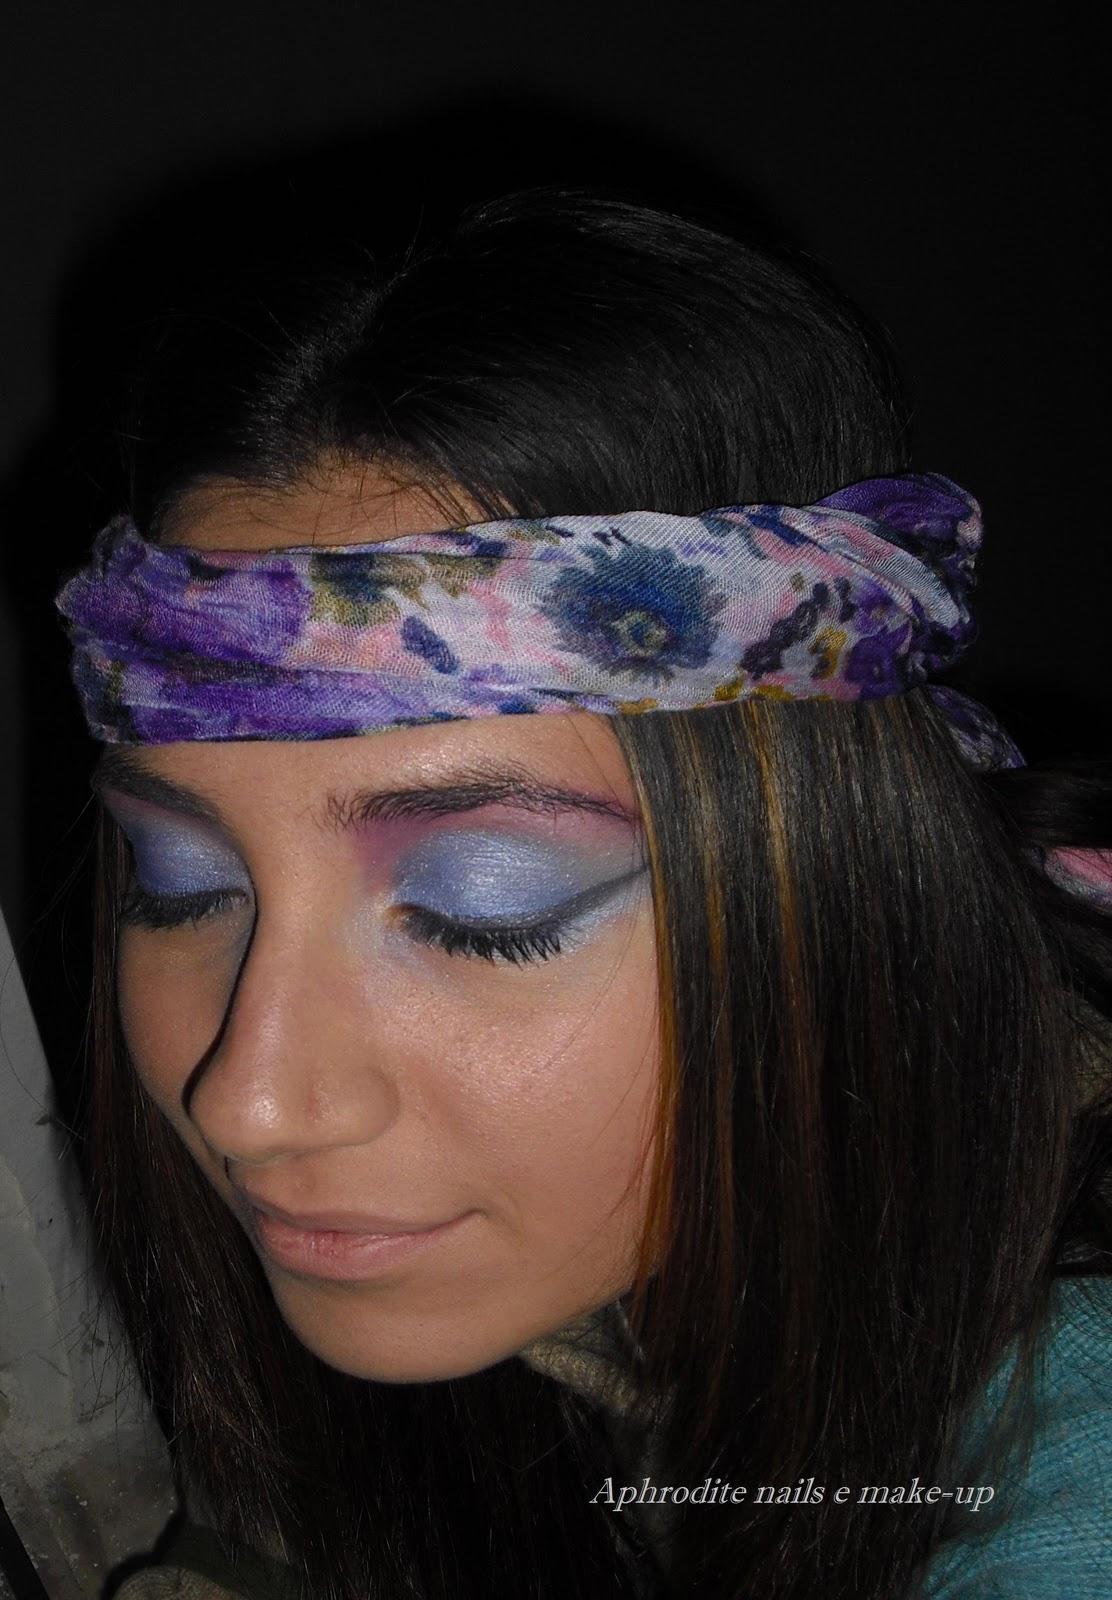 Hippie Make Up Hot Girls Wallpaper